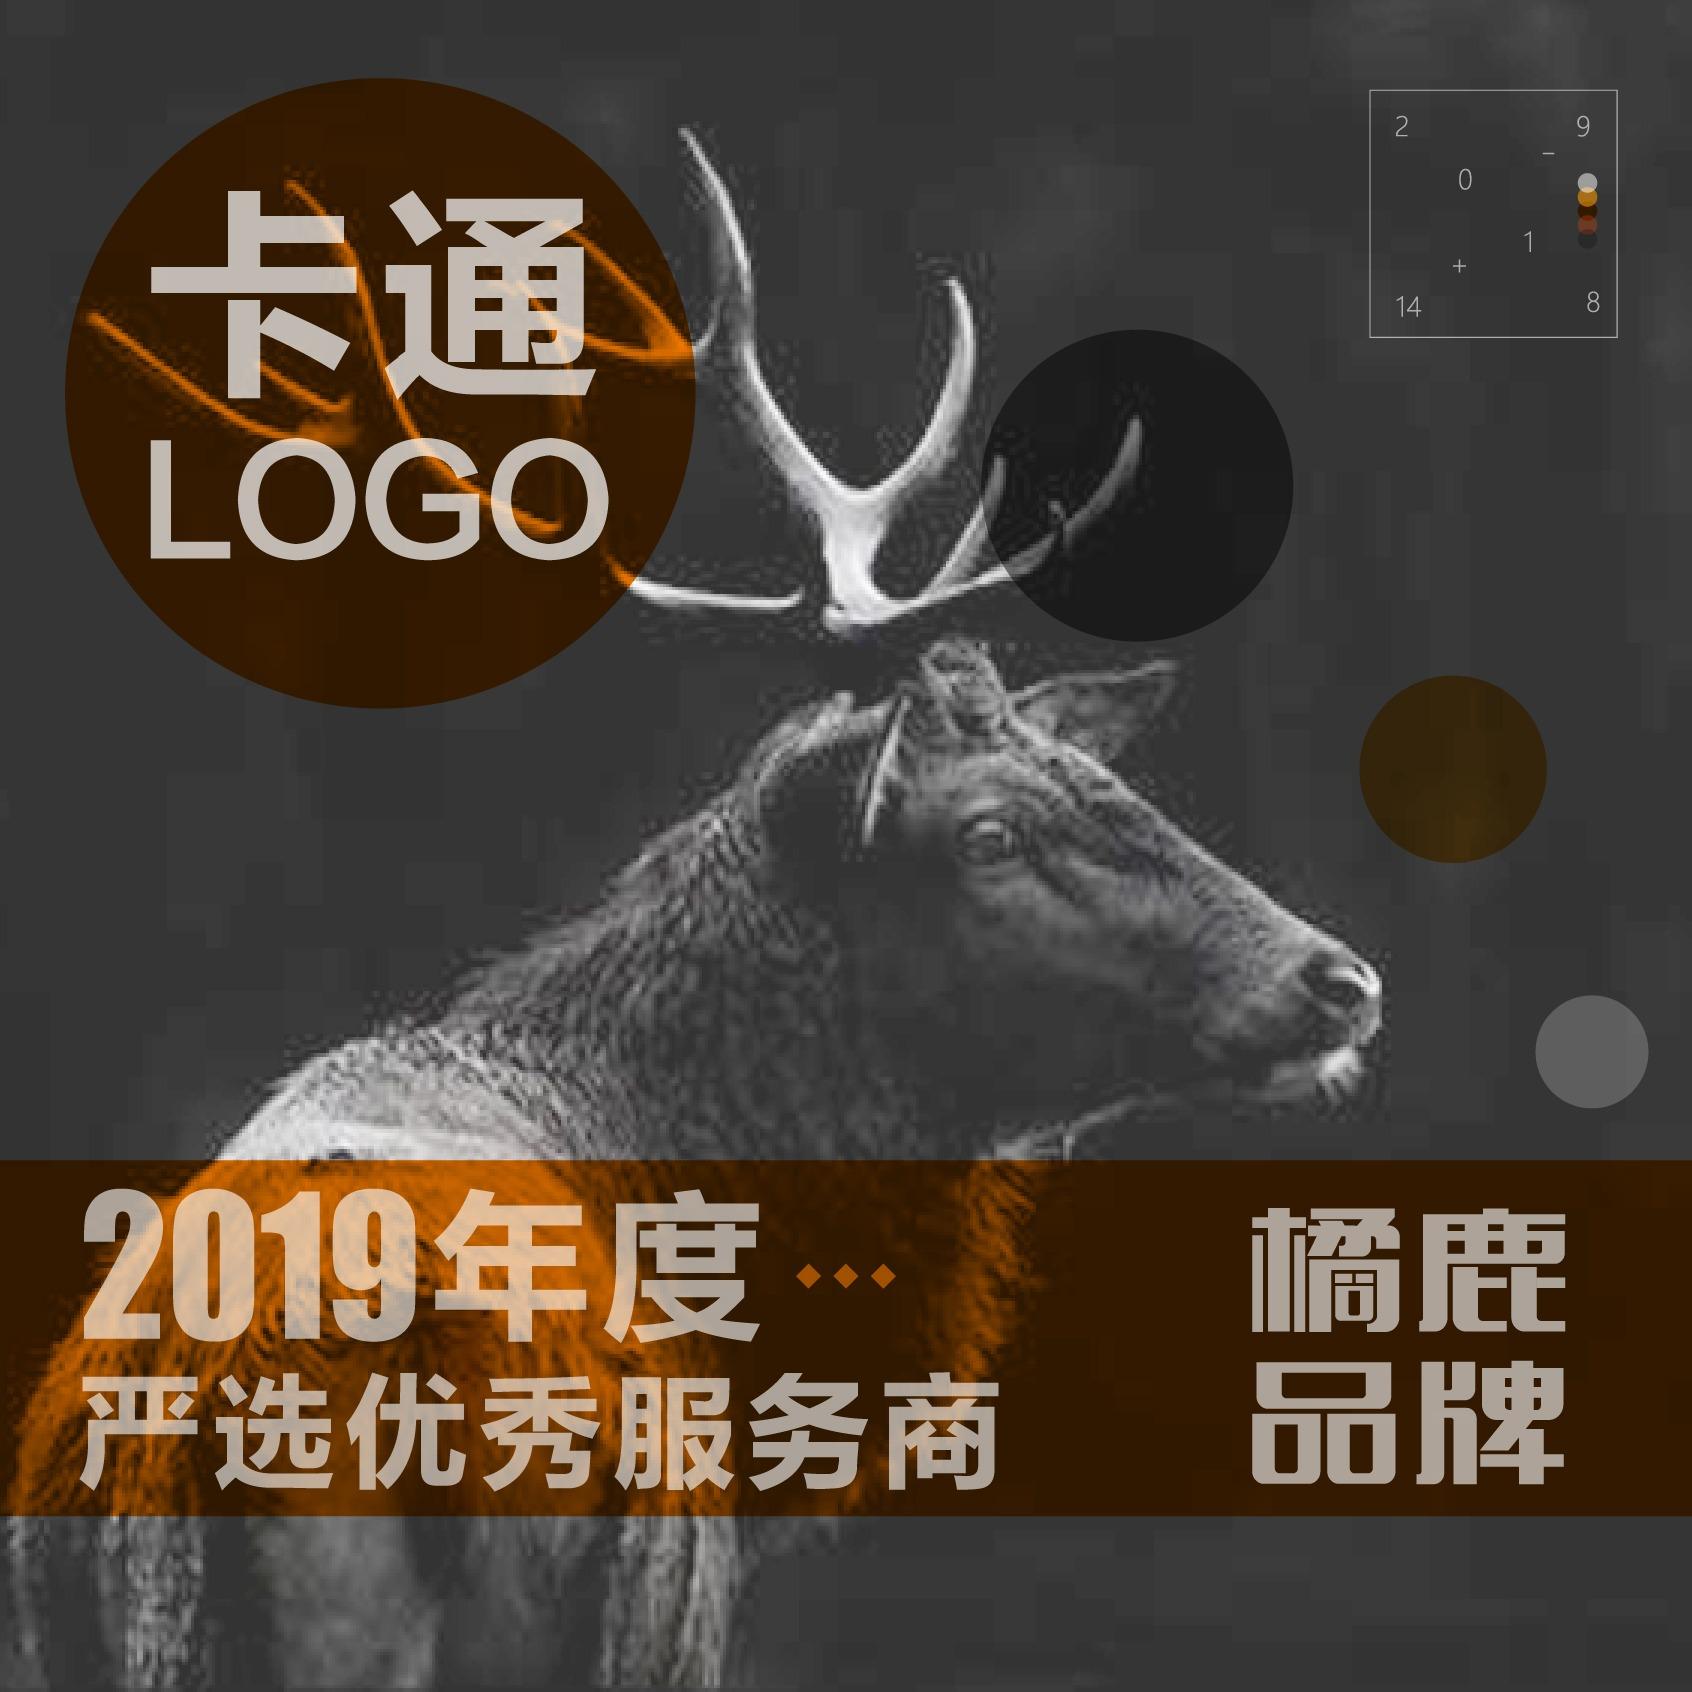 【橘鹿品牌】卡通LOGO标志吉祥物手绘插画人物/IP造型设计